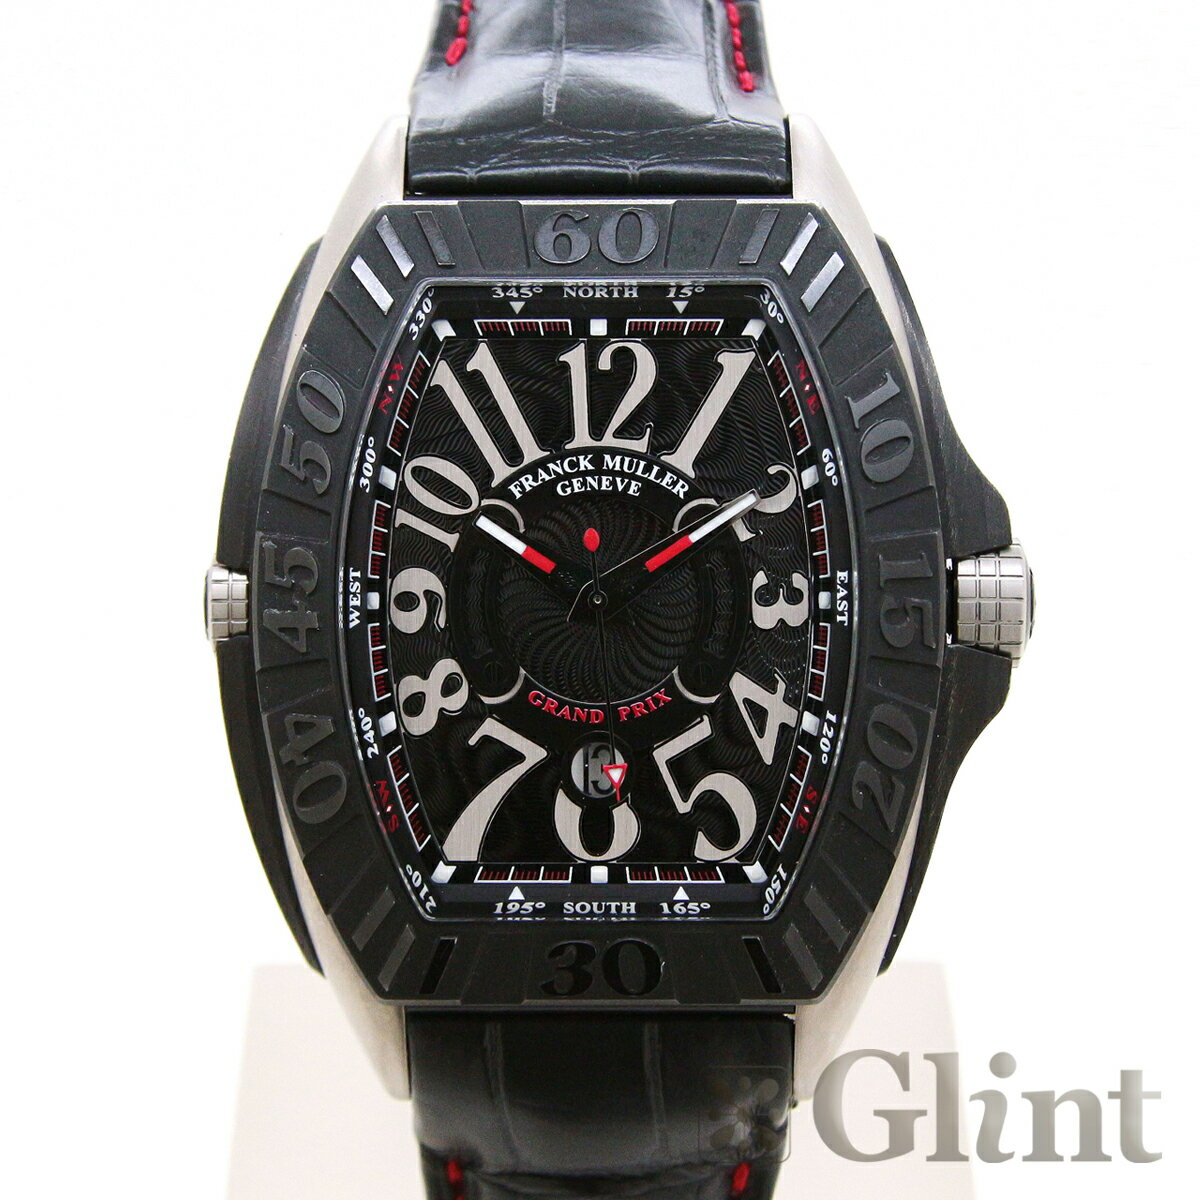 フランクミュラー(FRANCK MULLER)コンキスタドール グランプリ 9900 SC GP 〔チタン/PVD〕〔腕時計〕〔メンズ〕【中古】